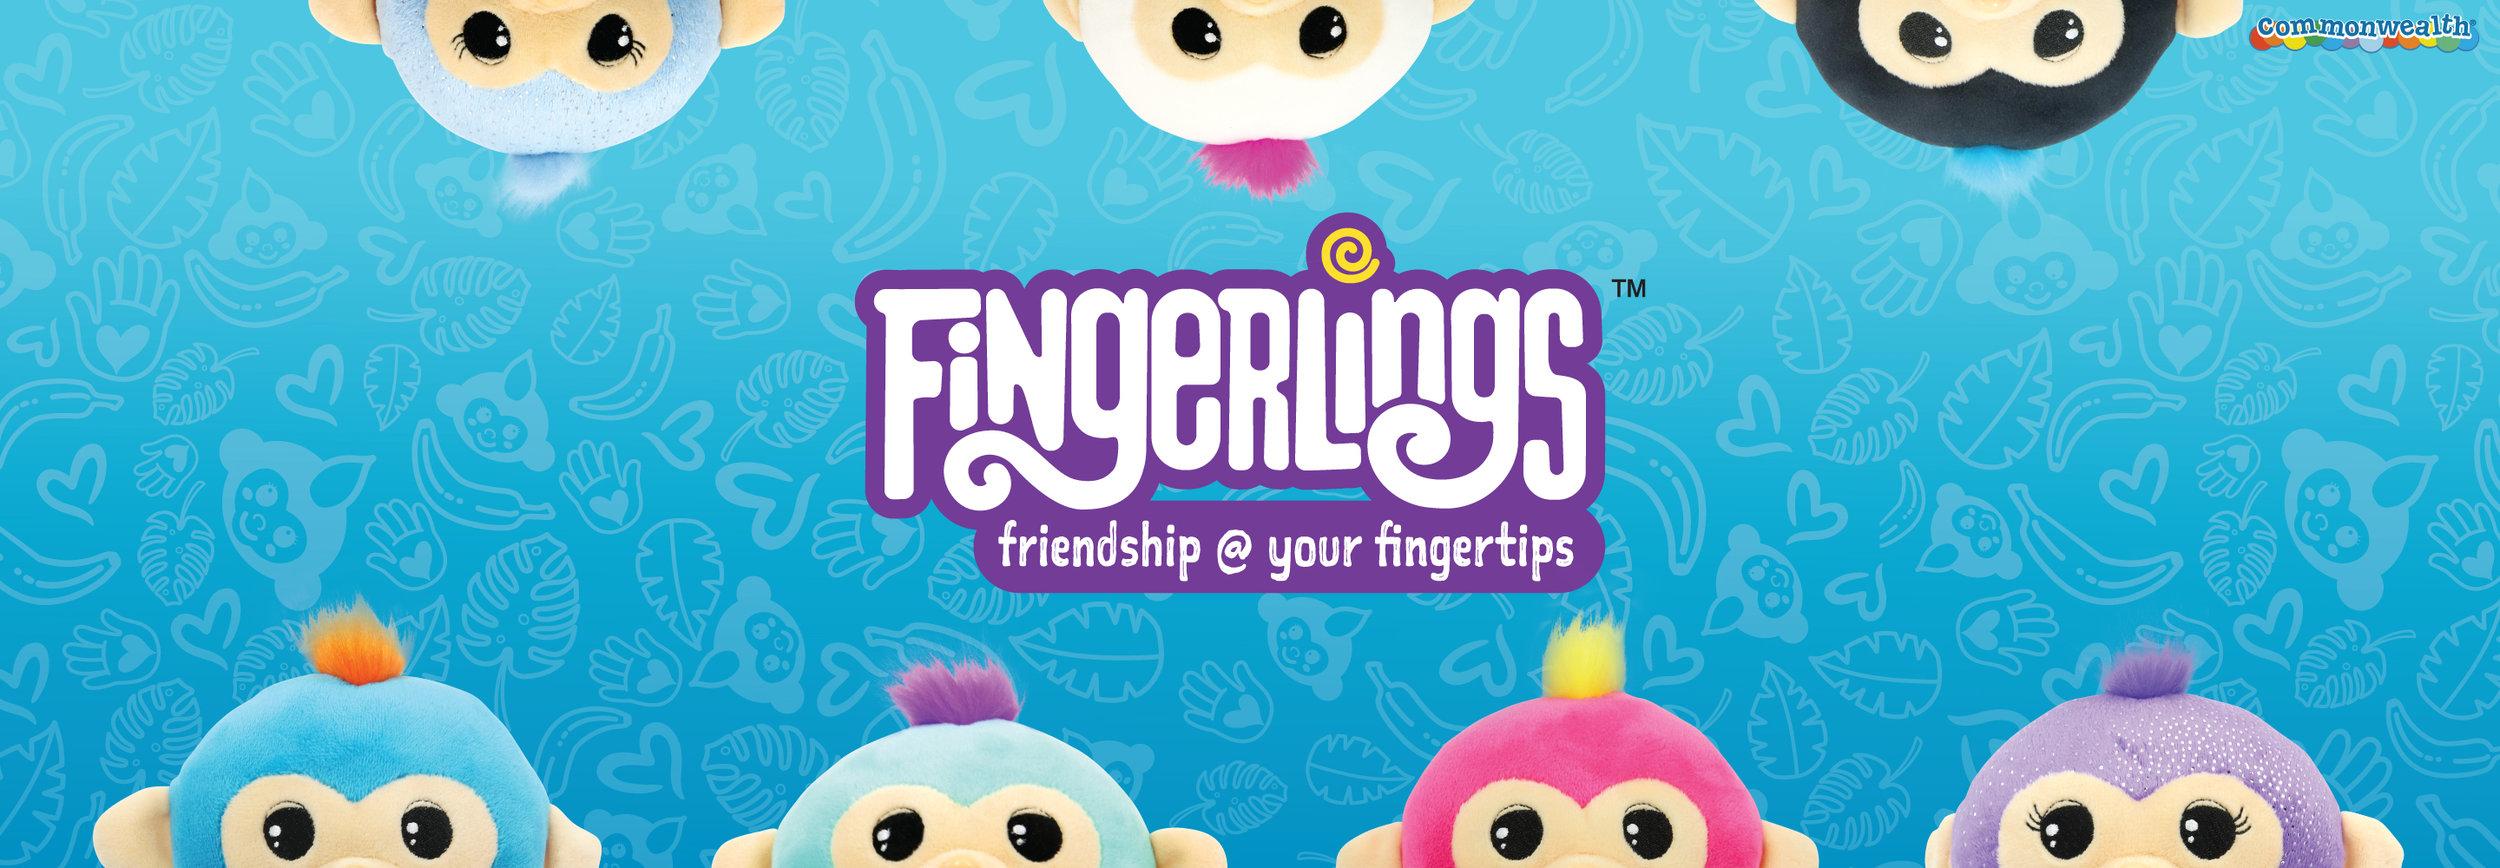 01_FingerlingsHBanner.jpg